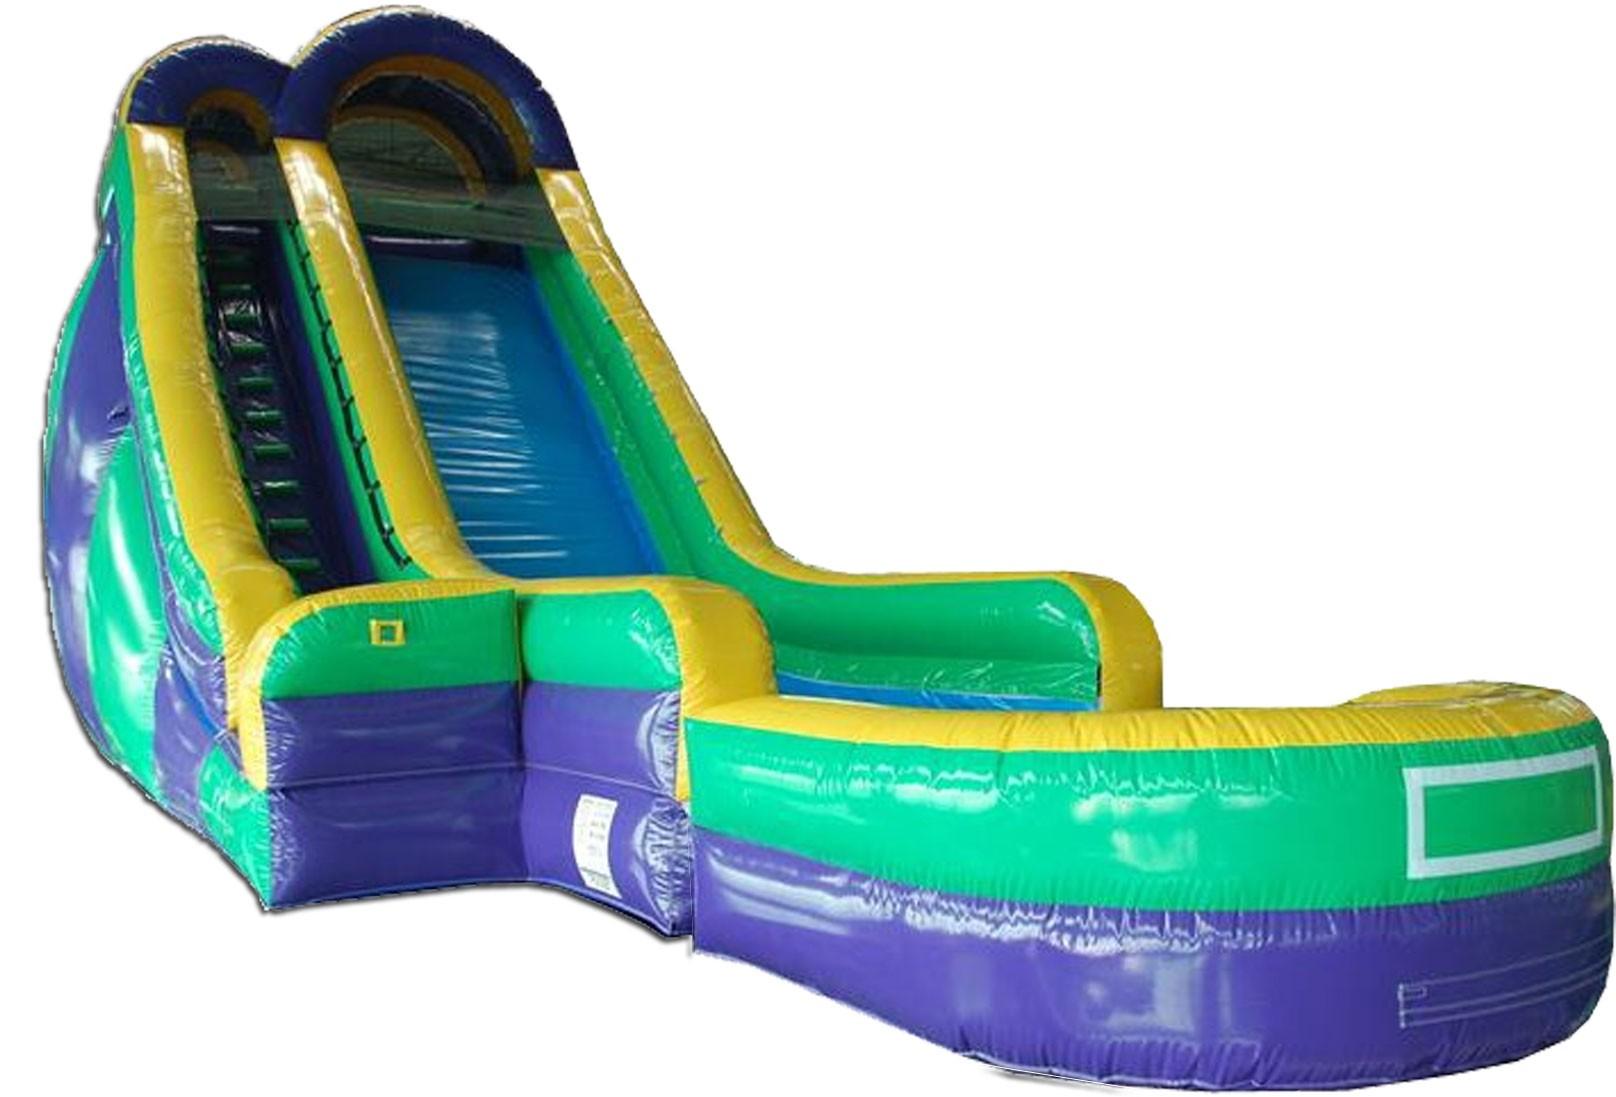 24ft Screamer Wet/Dry Slide Rental